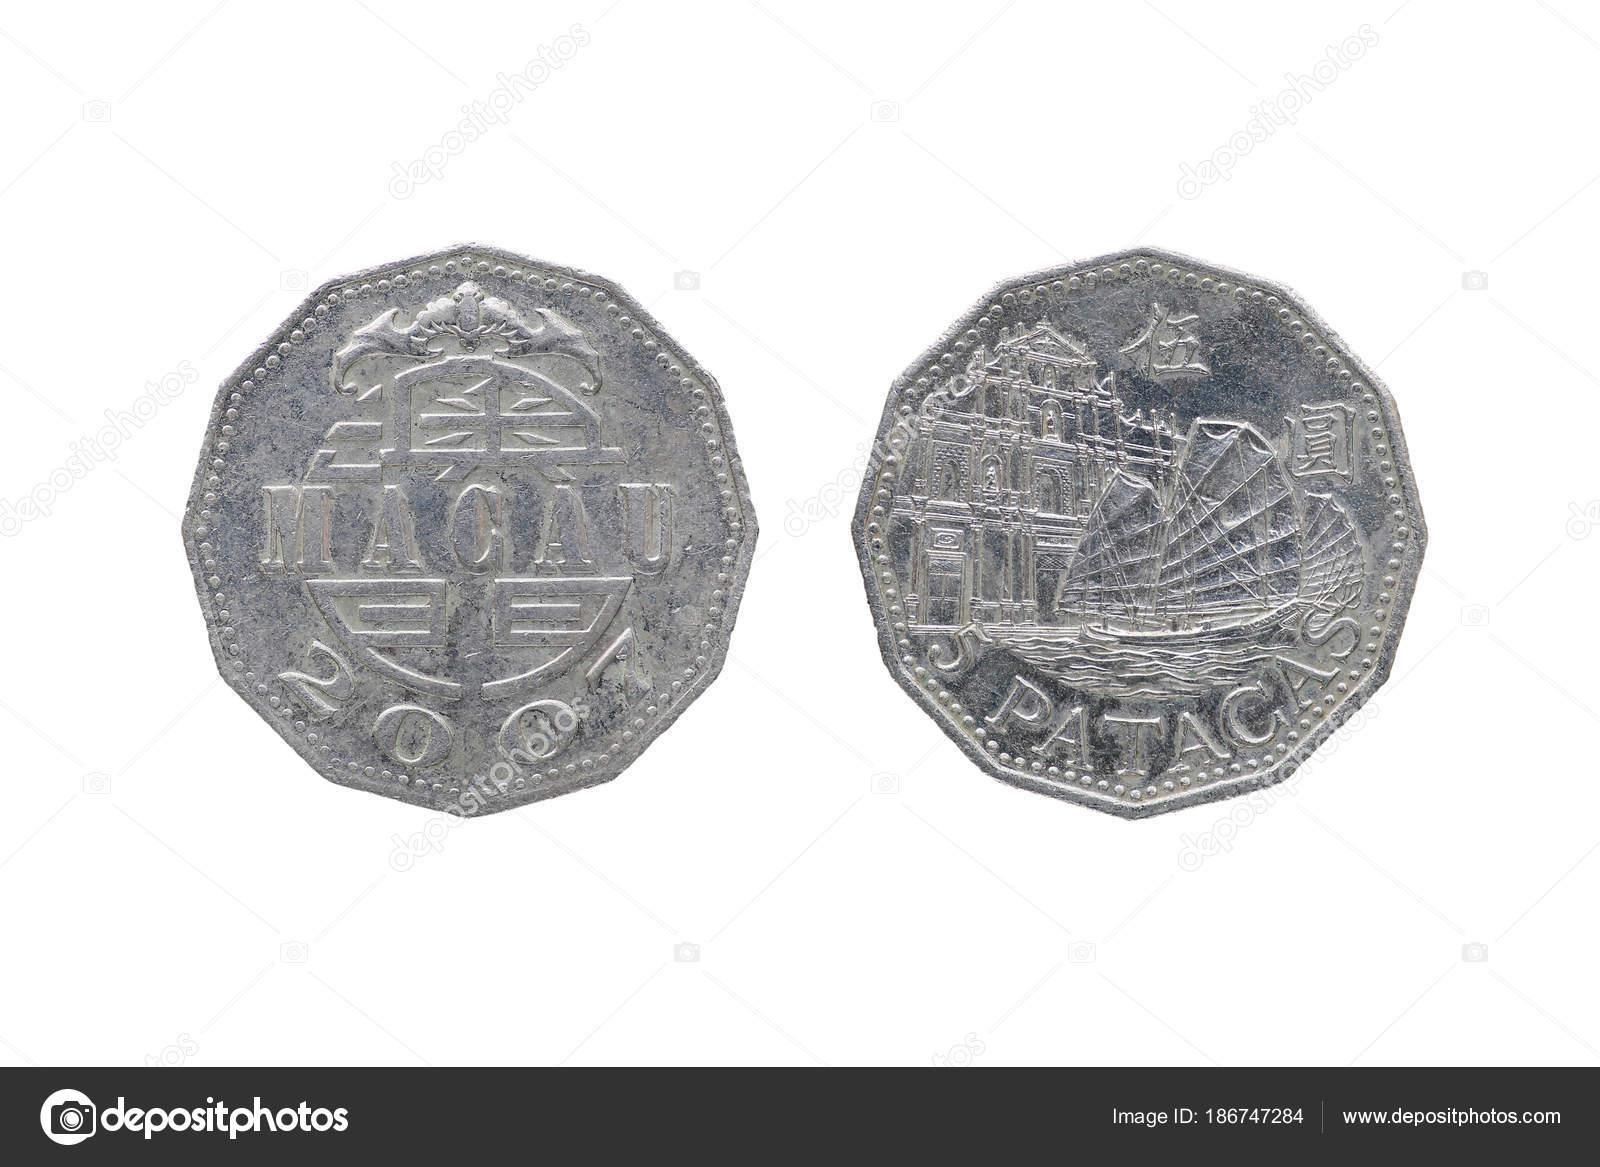 Macau Pataca Münze Isoliert Auf Weißem Hintergrund Vorder Und